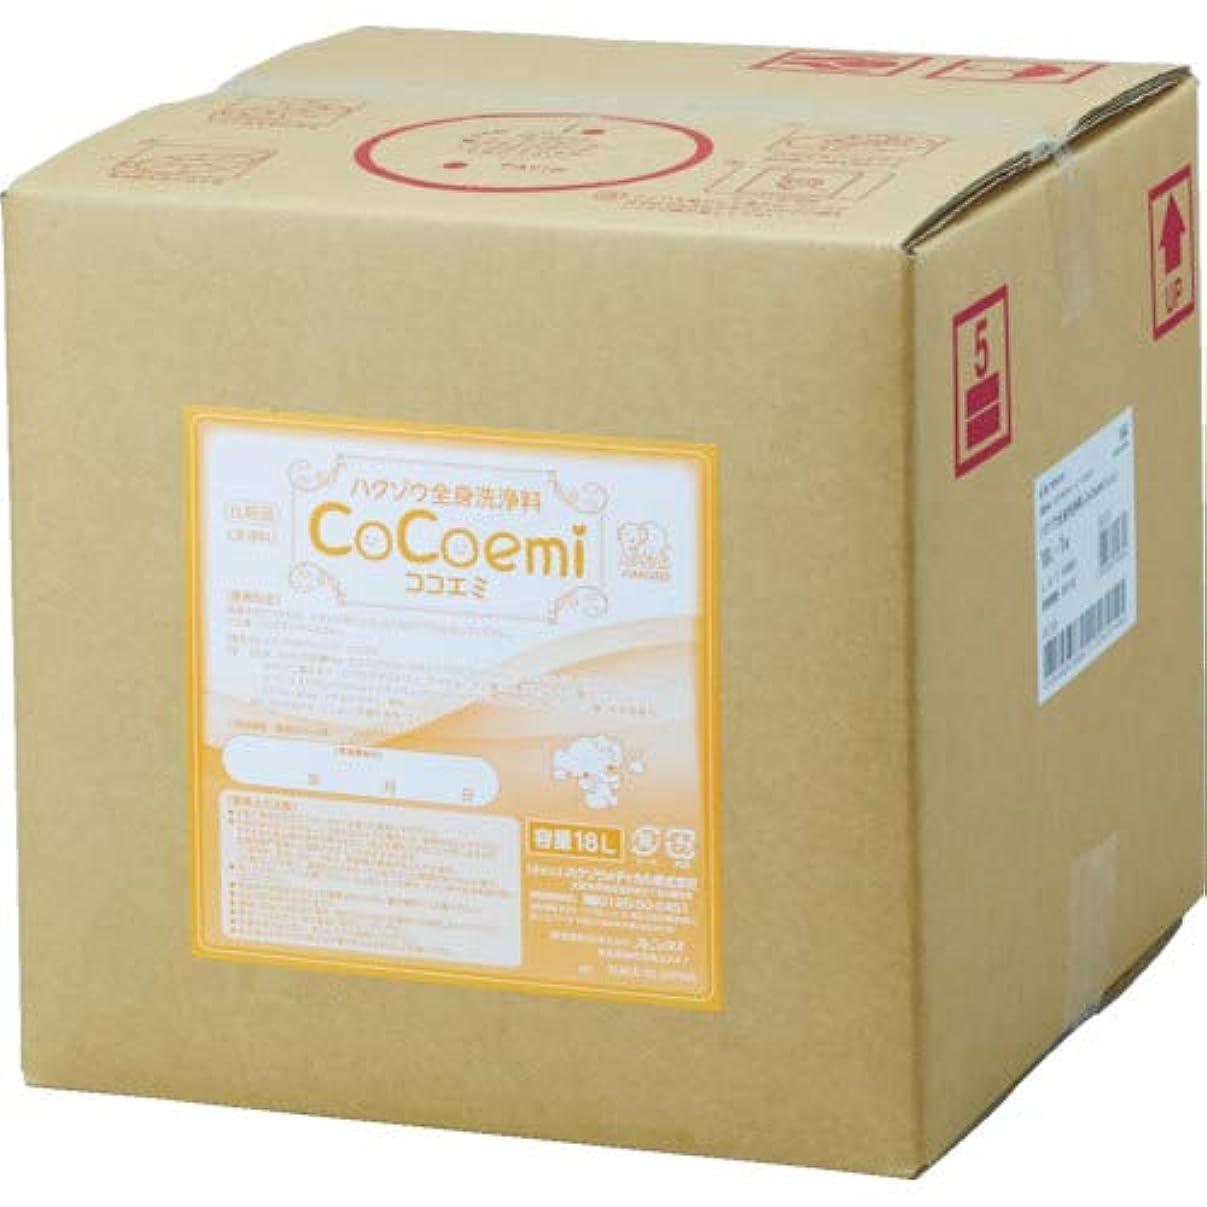 ギターベーシック弁護人ハクゾウメディカル ハクゾウ全身洗浄料CoCoemi(ココエミ) 18L 3009018